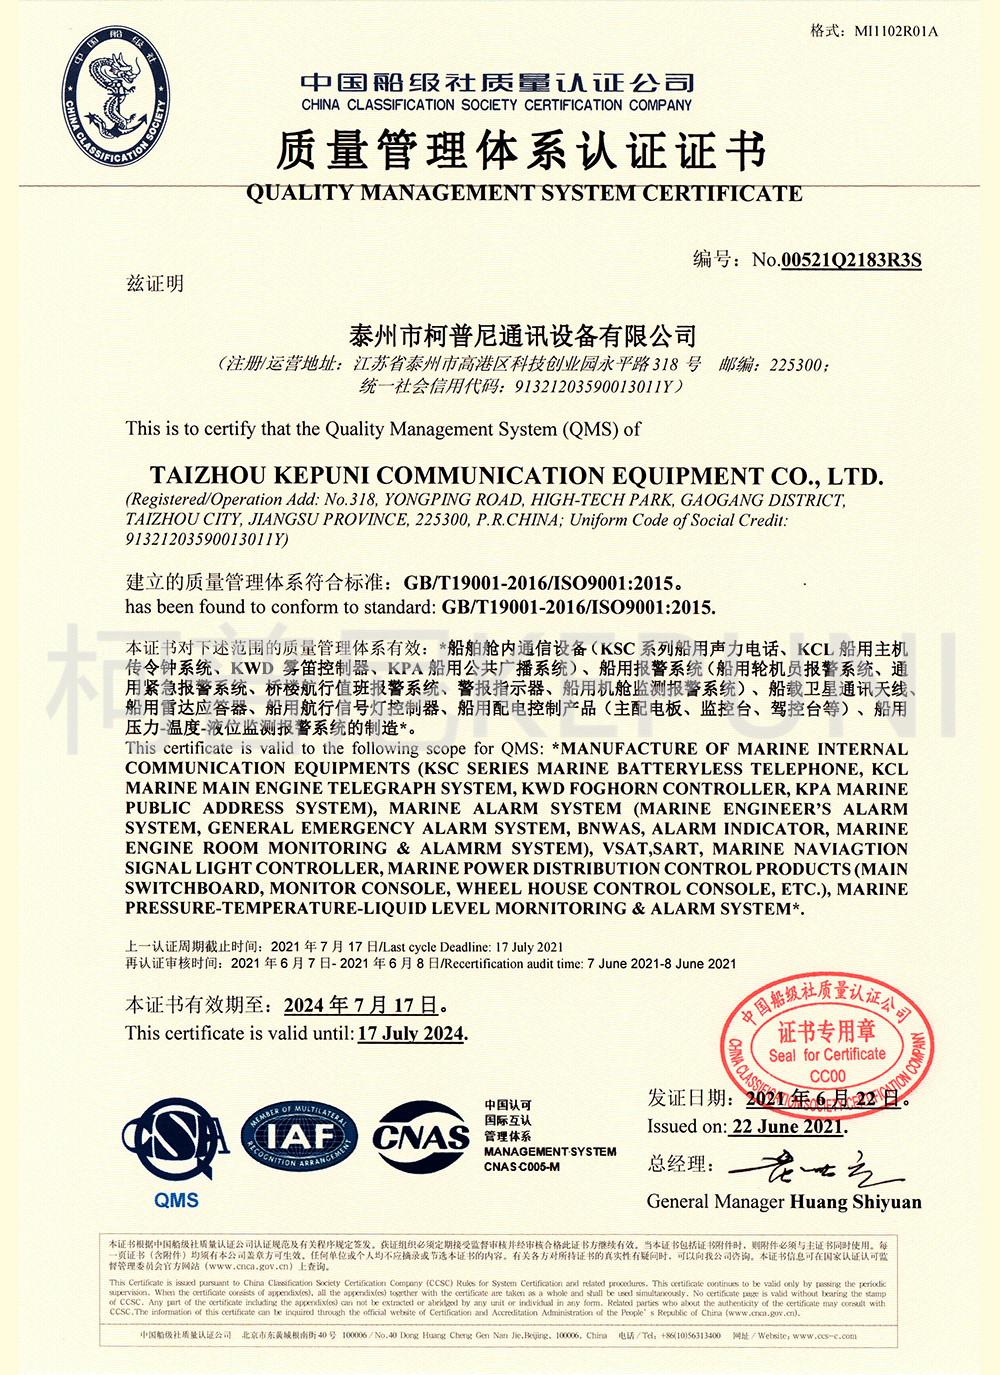 CCS 体系证书